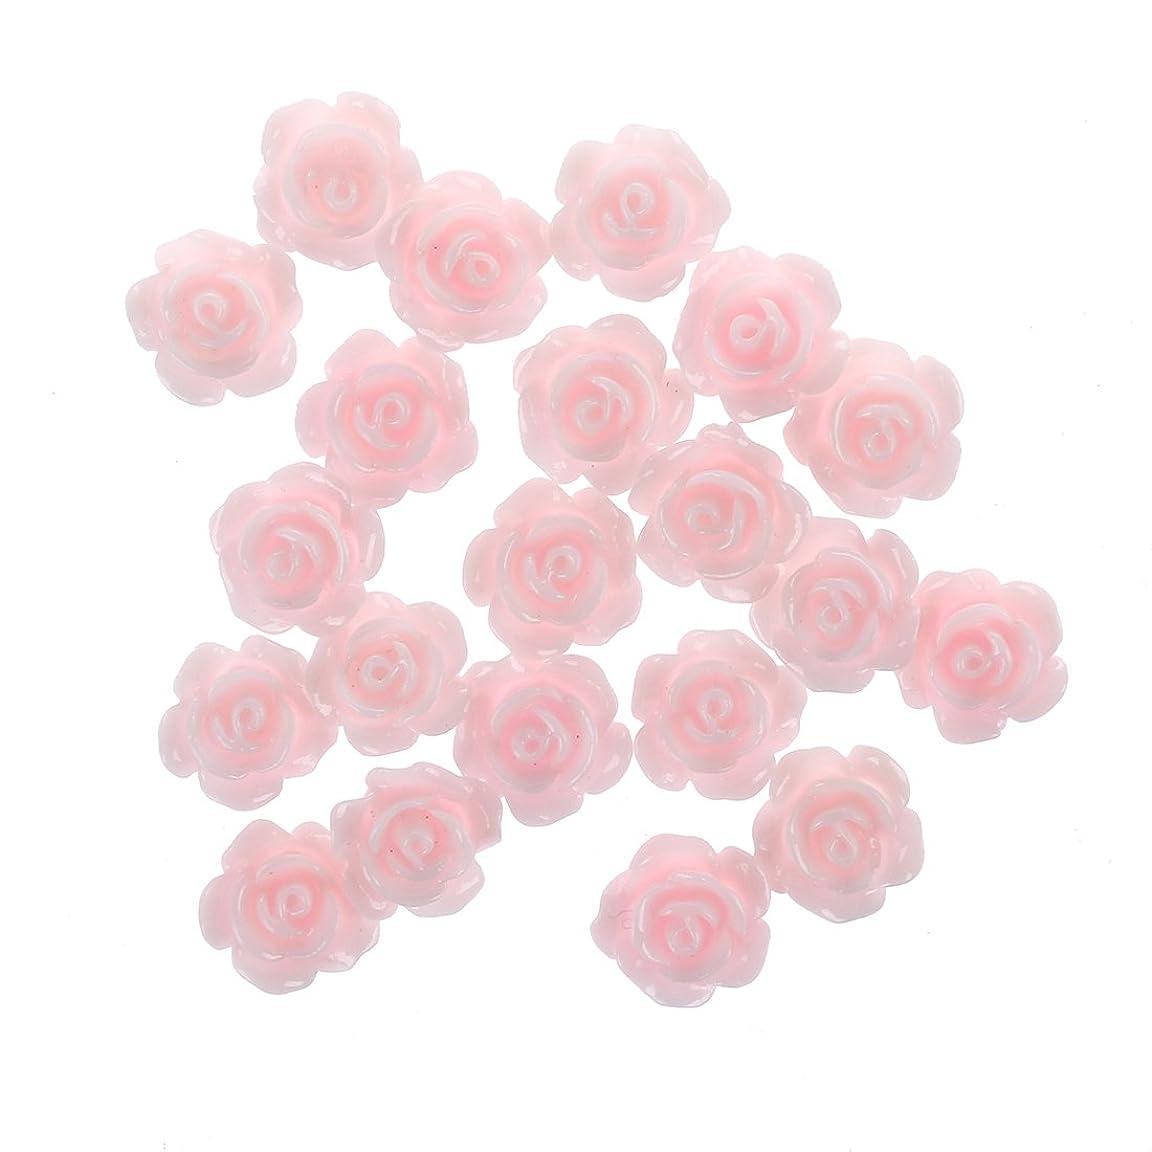 Gaoominy 20x3Dピンクの小さいバラ ラインストーン付きネイルアート装飾